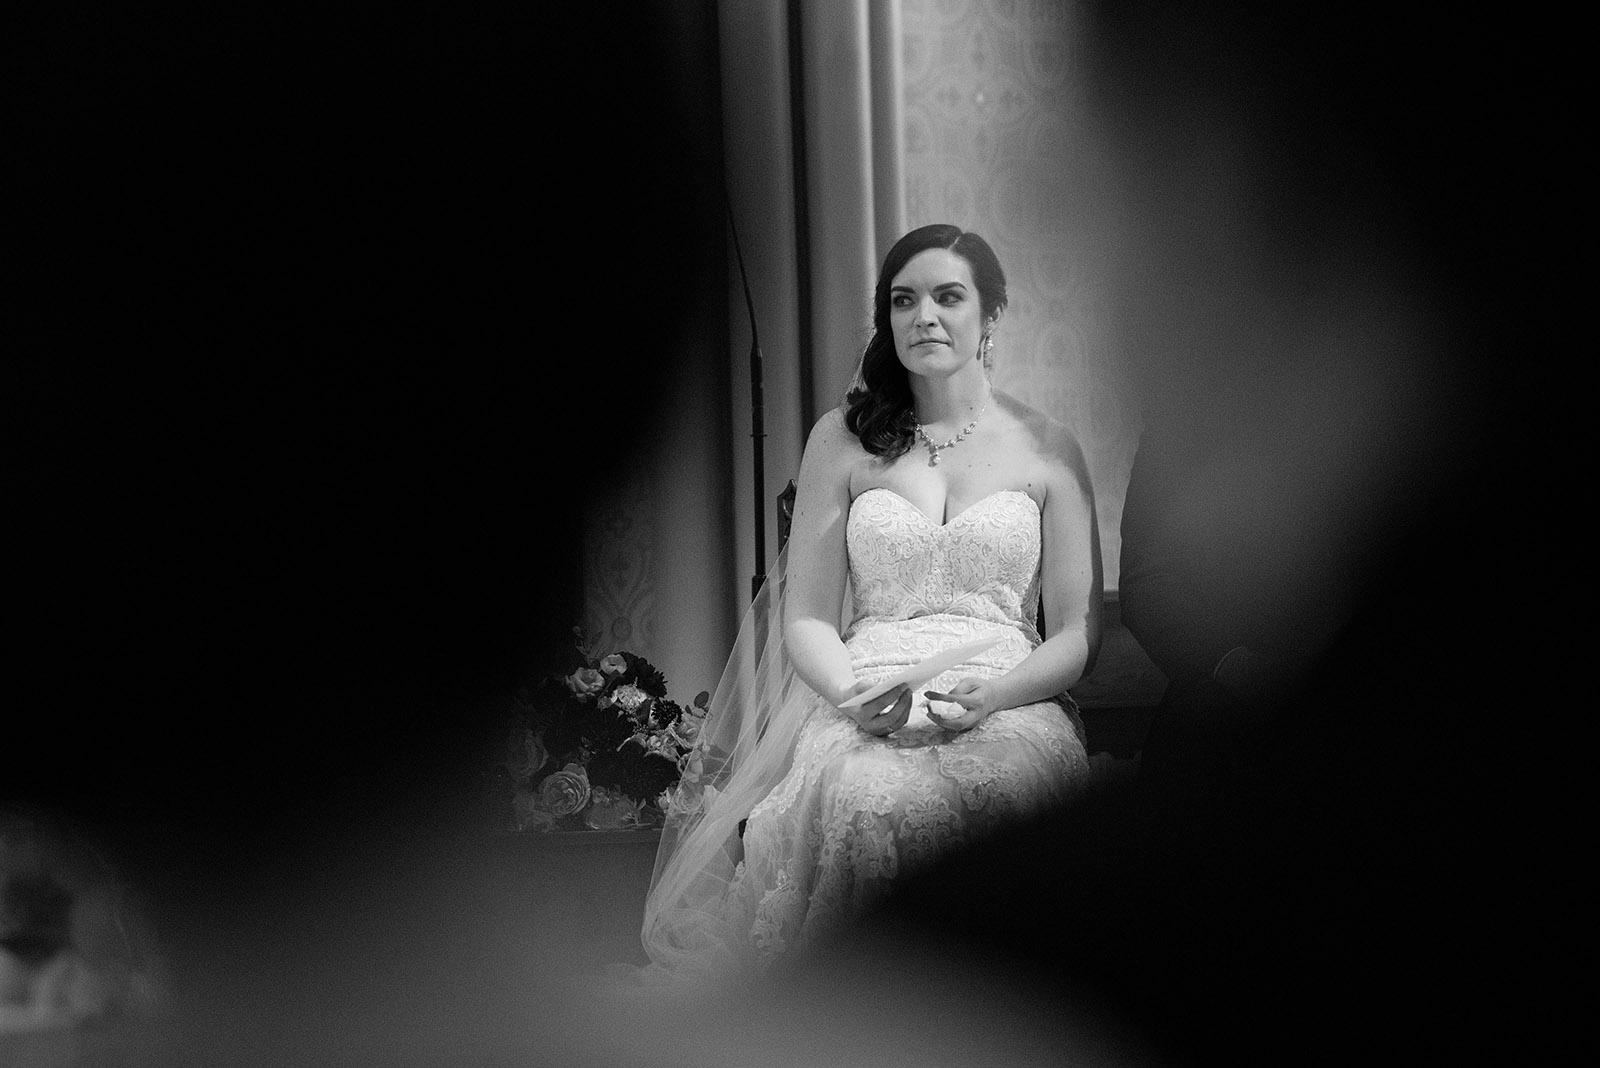 Bride Hot Wedding Ceremony